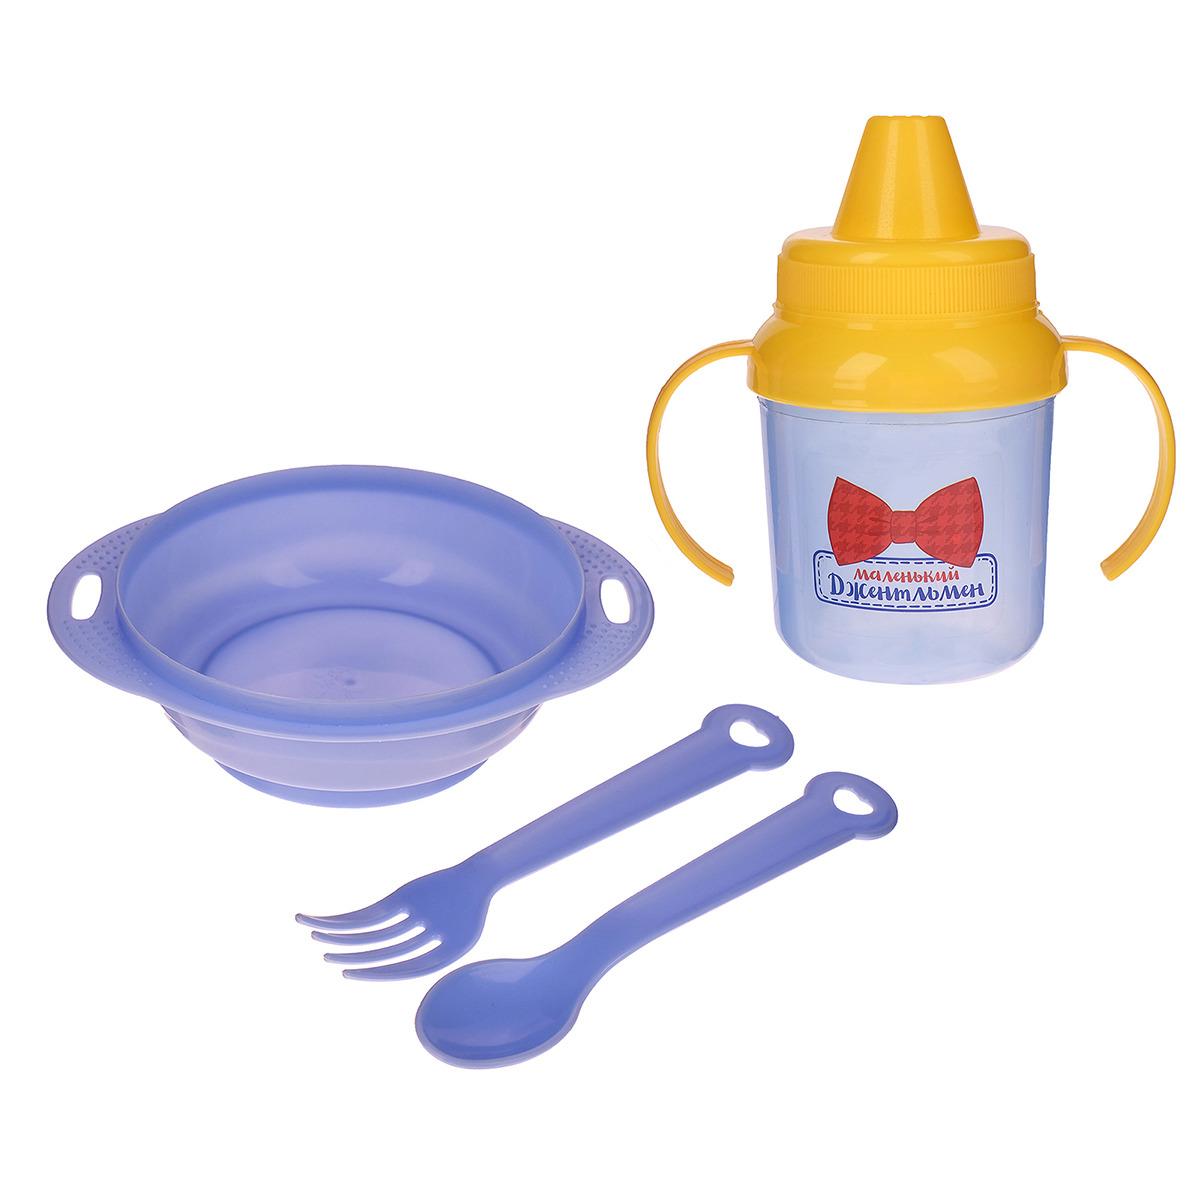 Набор посуды для кормления Крошка Я Маленький джентльмен, 3275233, 4 предмета набор крошка я джентльмен бутылочка для кормления 125 мл боди 9 12 месяцев 3311494